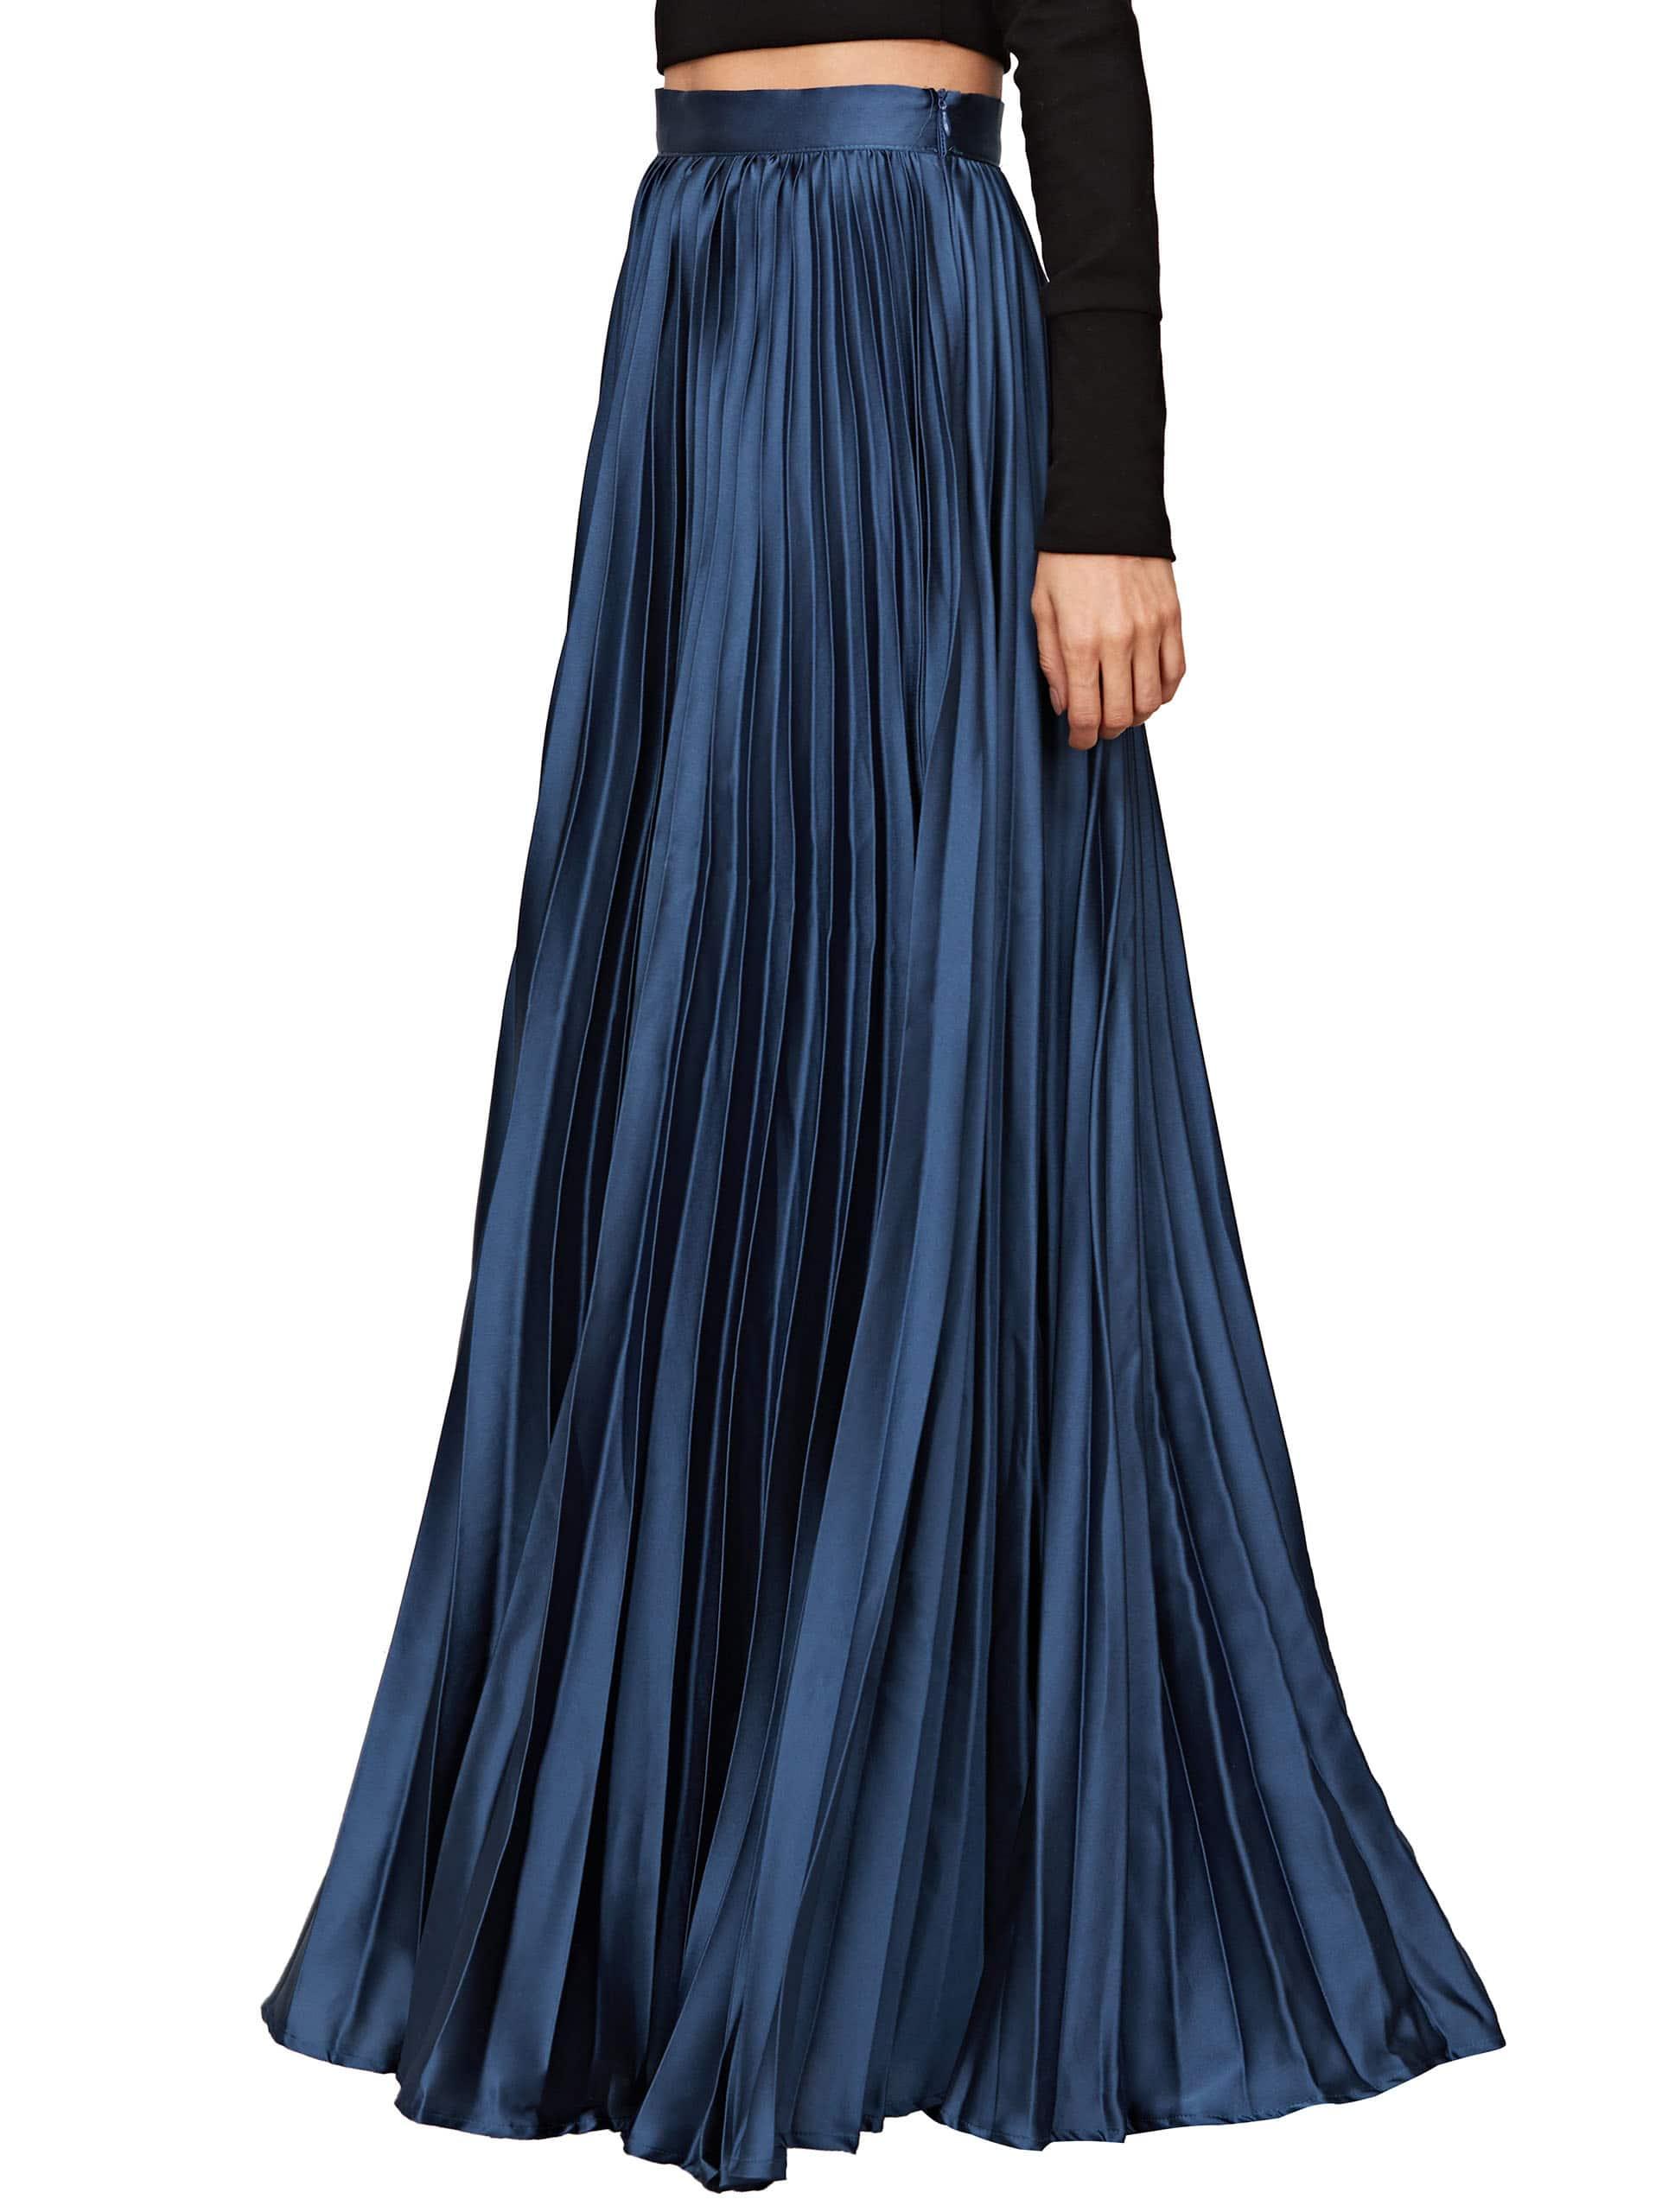 Satin Pleated Full Length Skirt -SheIn(Sheinside)